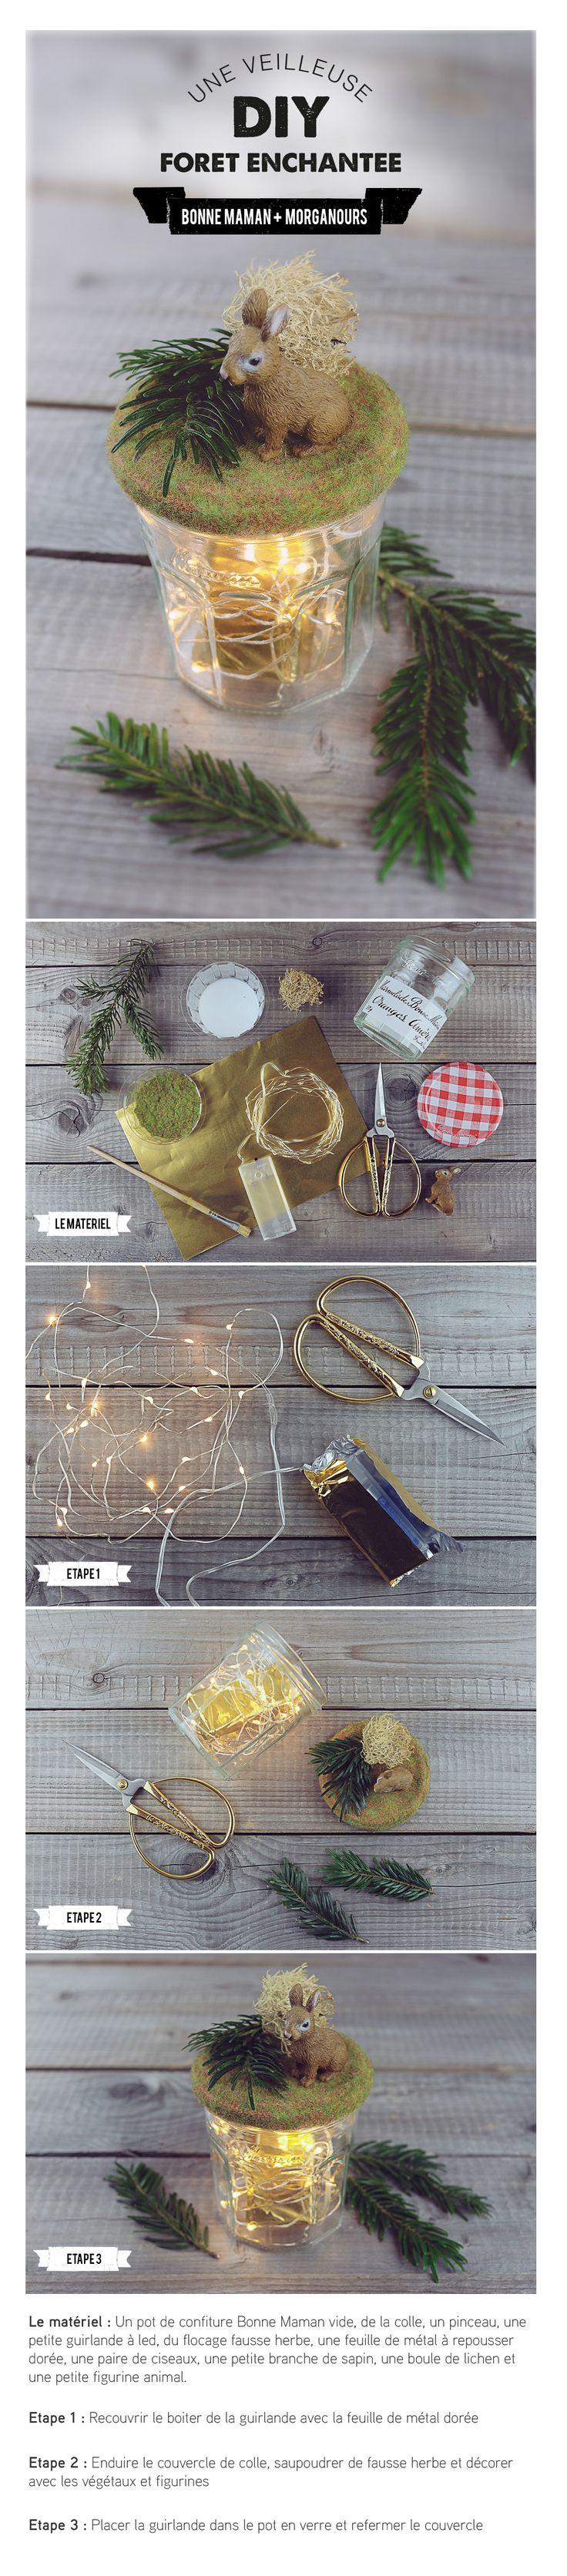 DIY une veilleuse Forêt enchantée  ( concours)